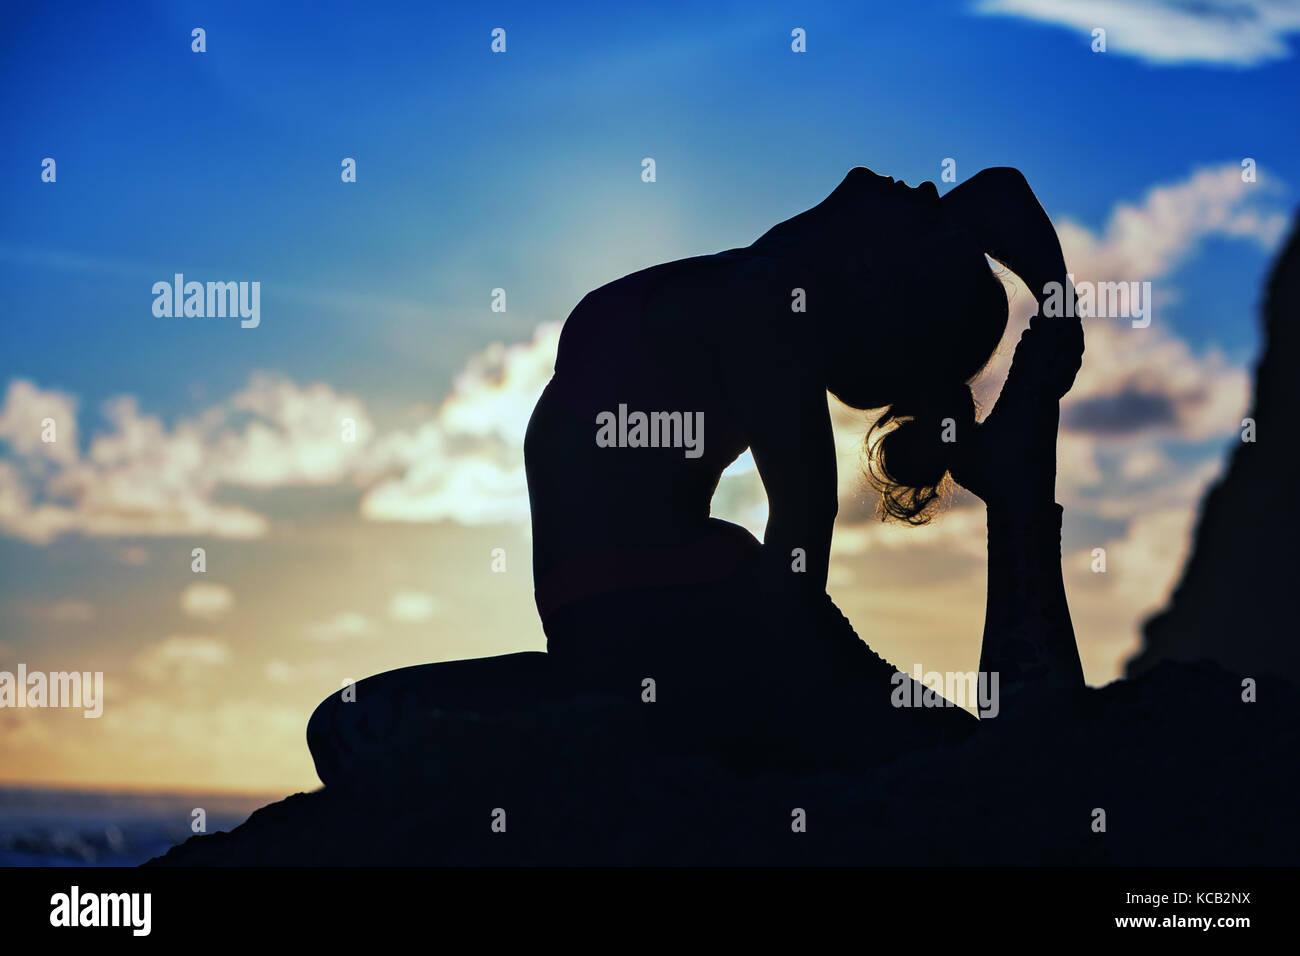 Femme silhouette noire sur fond de ciel coucher. Jeune fille active yoga assis sur la plage de roche, qui s'étend Photo Stock